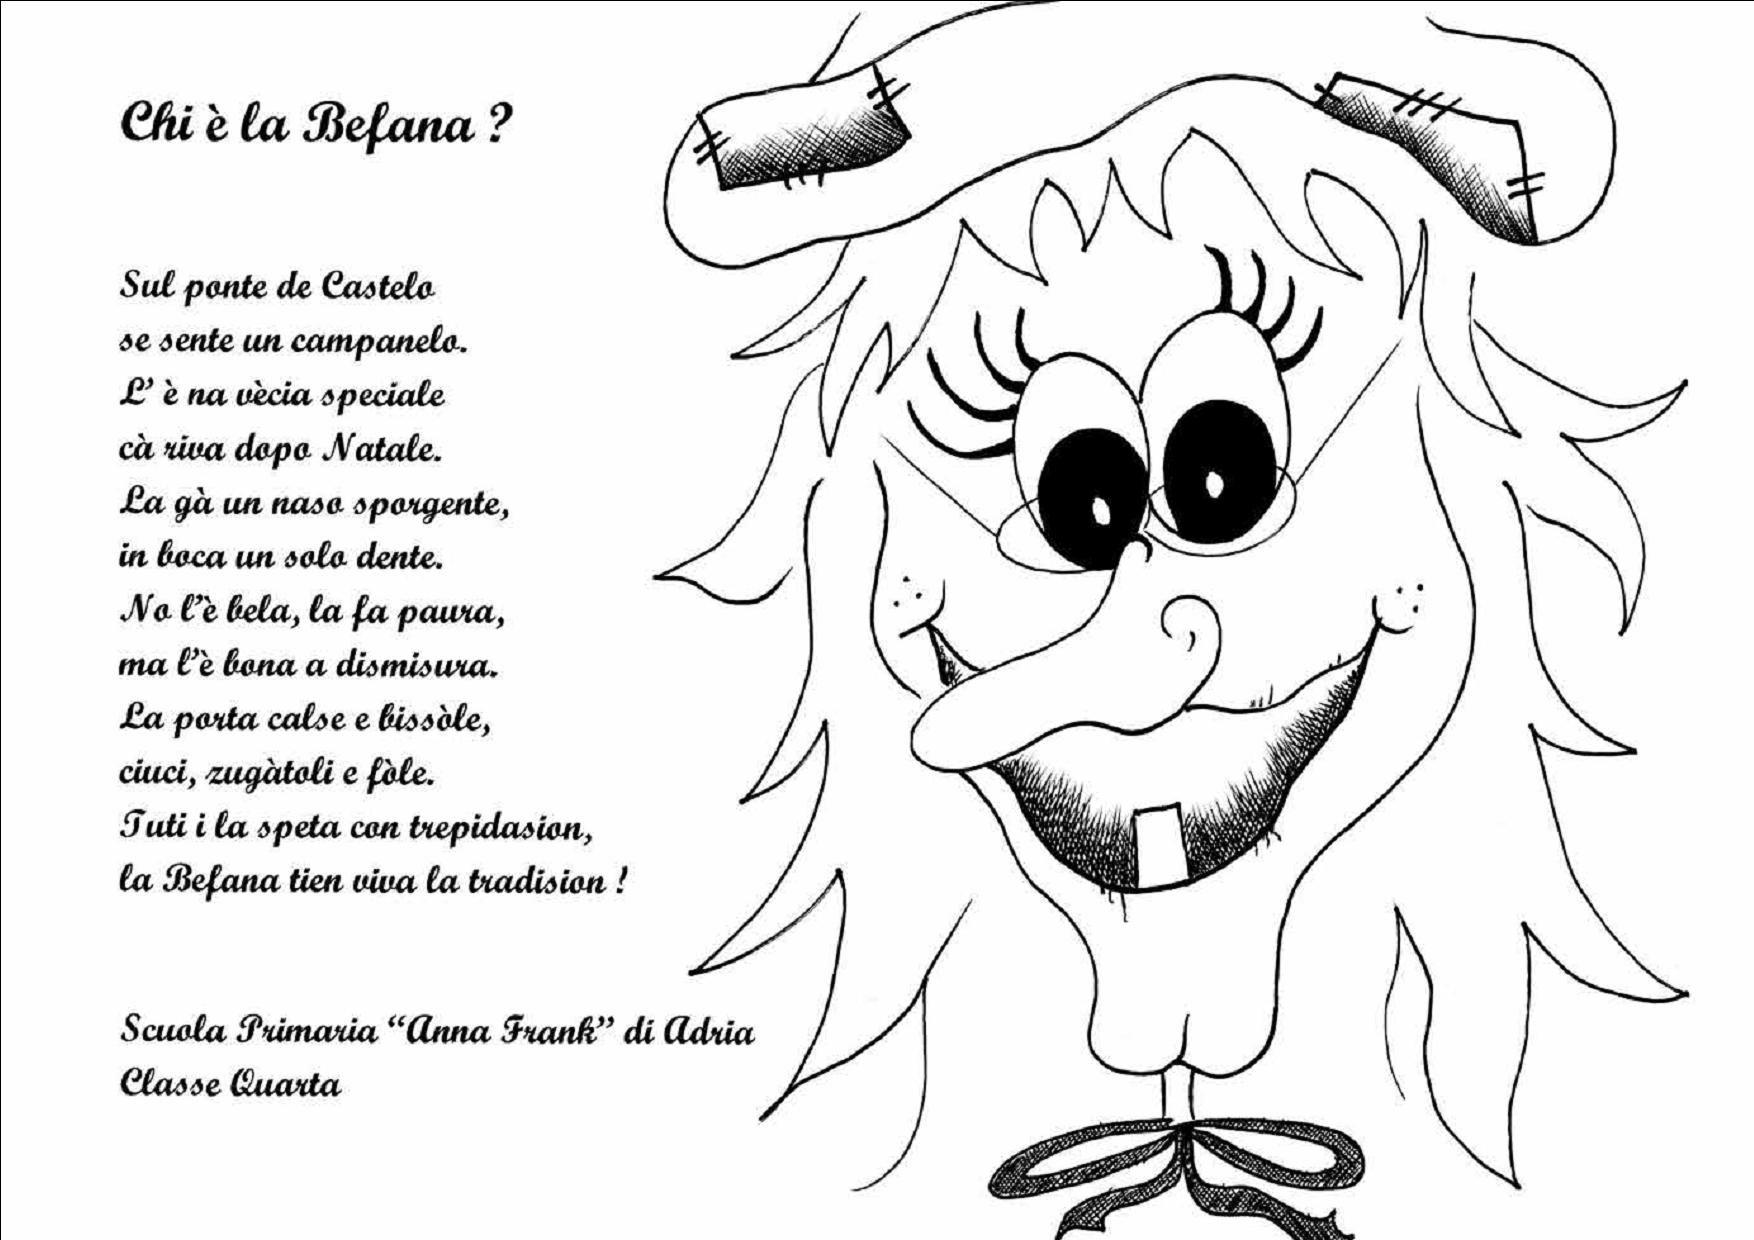 Il Libretto Della Befana Benvenuti Sul Sito Della Befana Di Adria